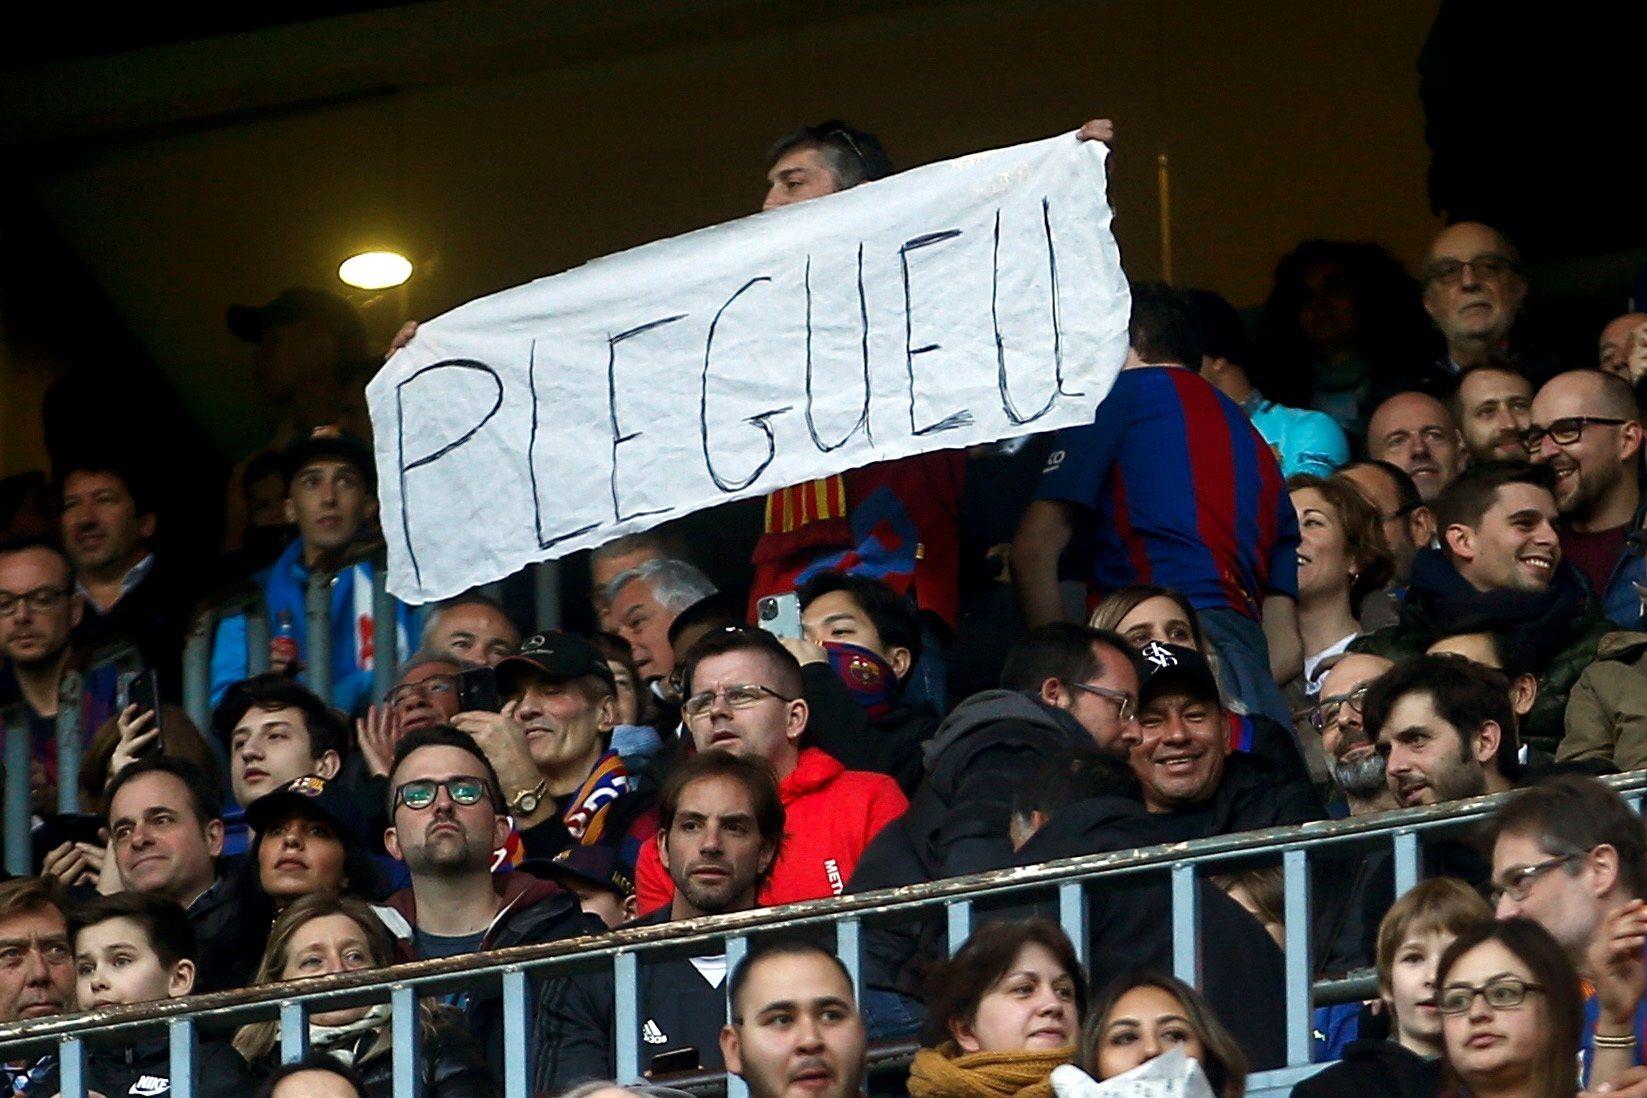 Un afeccionat del Barça demana la dimissió de Josep Maria Bartomeu | EFE